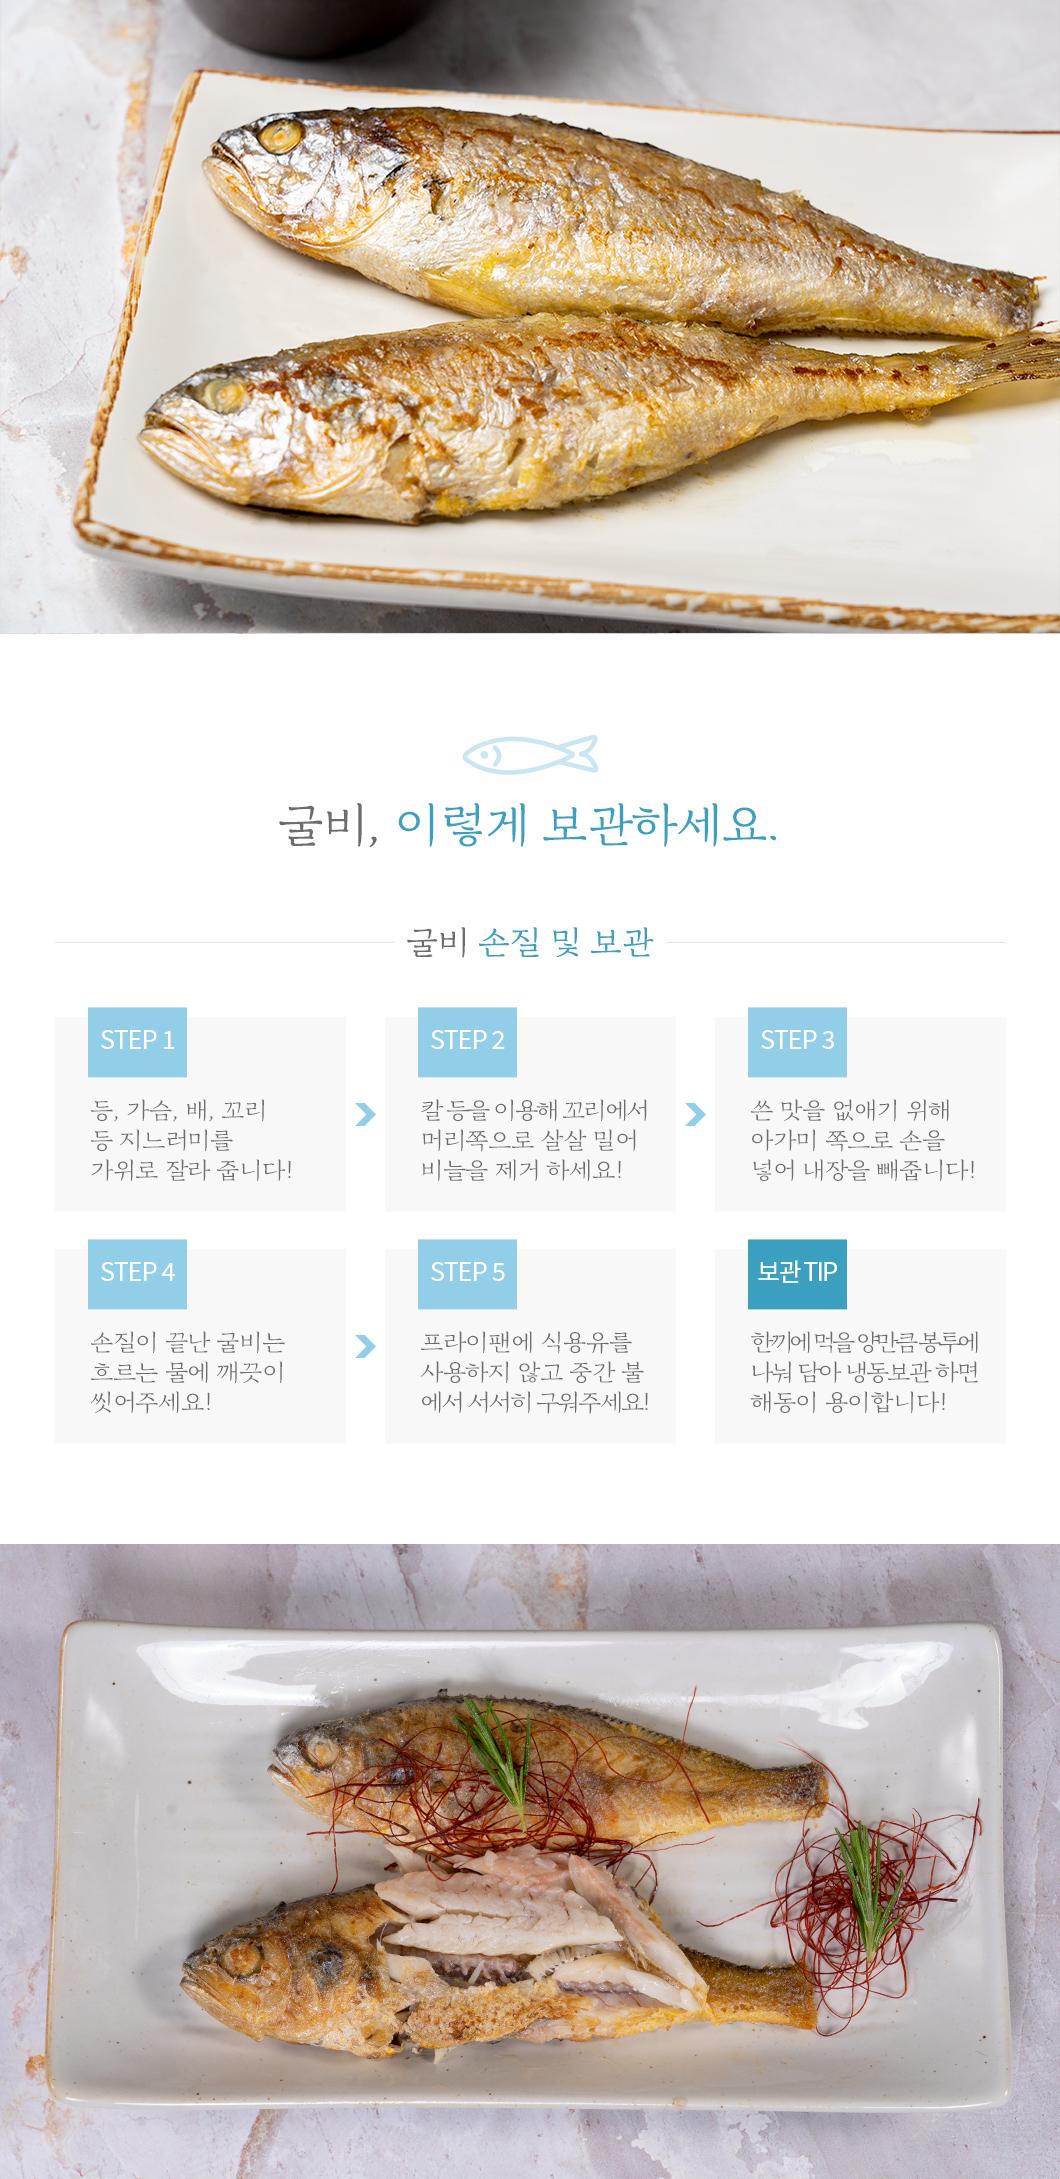 0917_법성포굴비_상세이미지_09.jpg